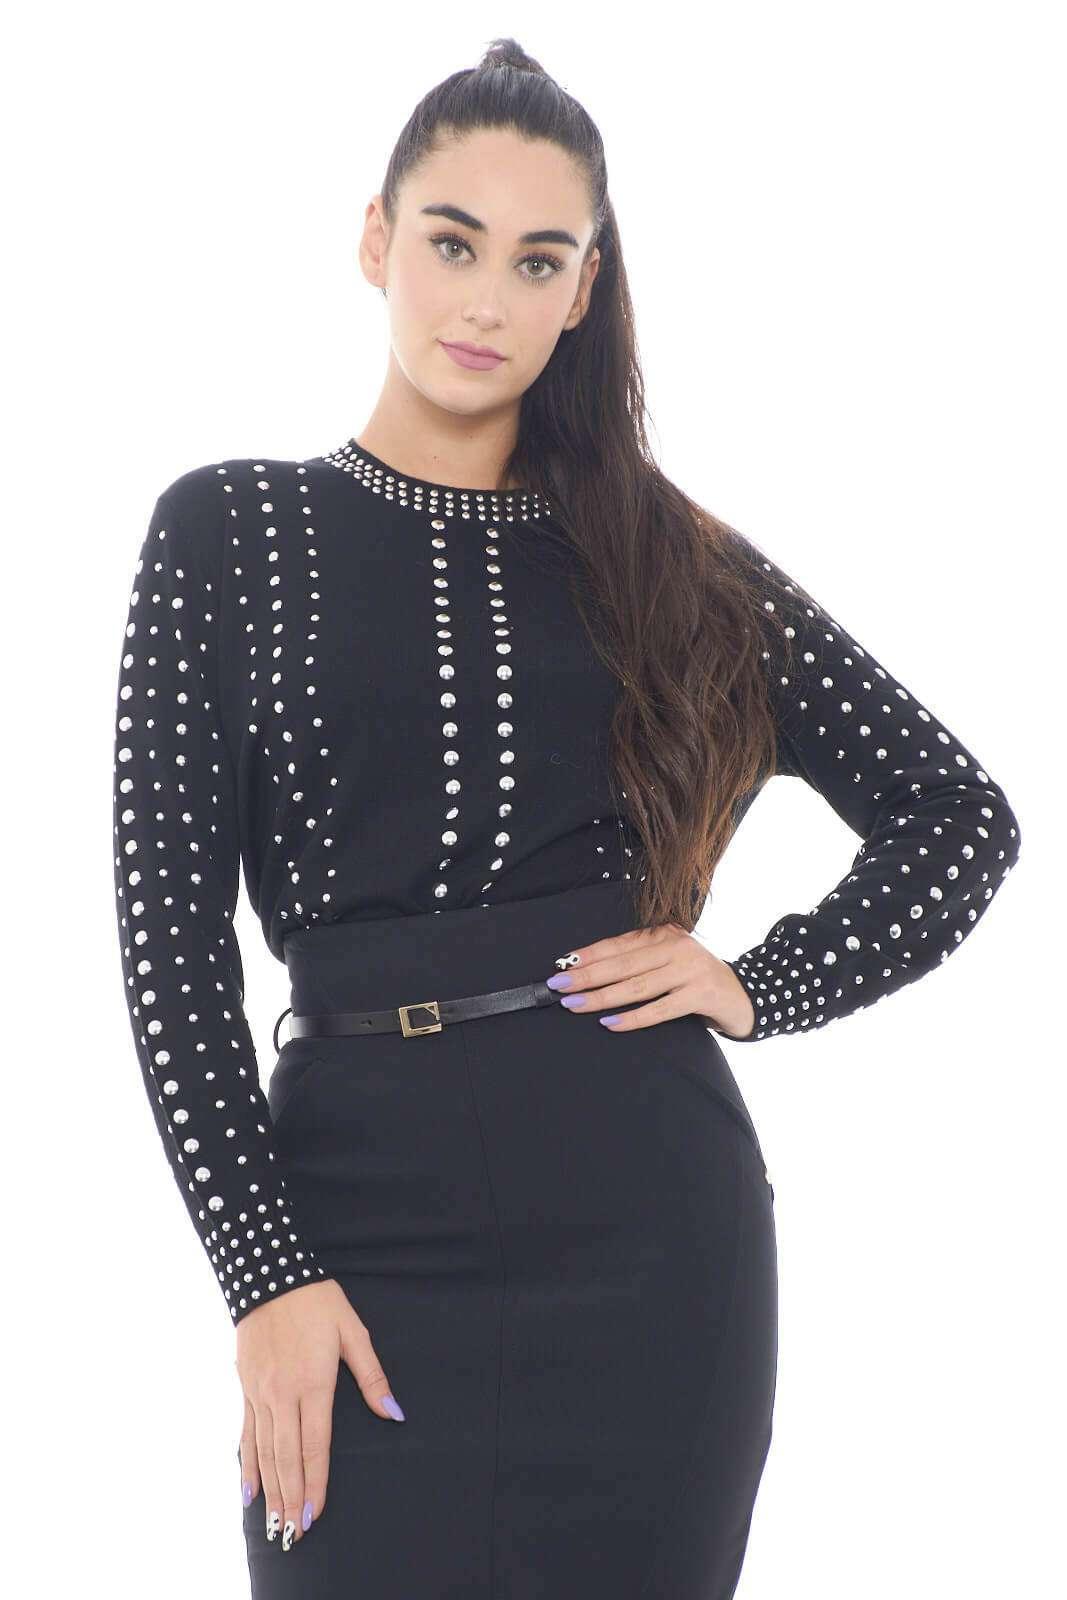 Comoda e fashion, la nuova maglia donna firmata Love Moschino conquista tutti gli stili. La linea basic con girocollo, è impreziosita da borchie per donare un look ricercato. Da indossare sia con pantaloni che con gonne, è versatile e glamour.